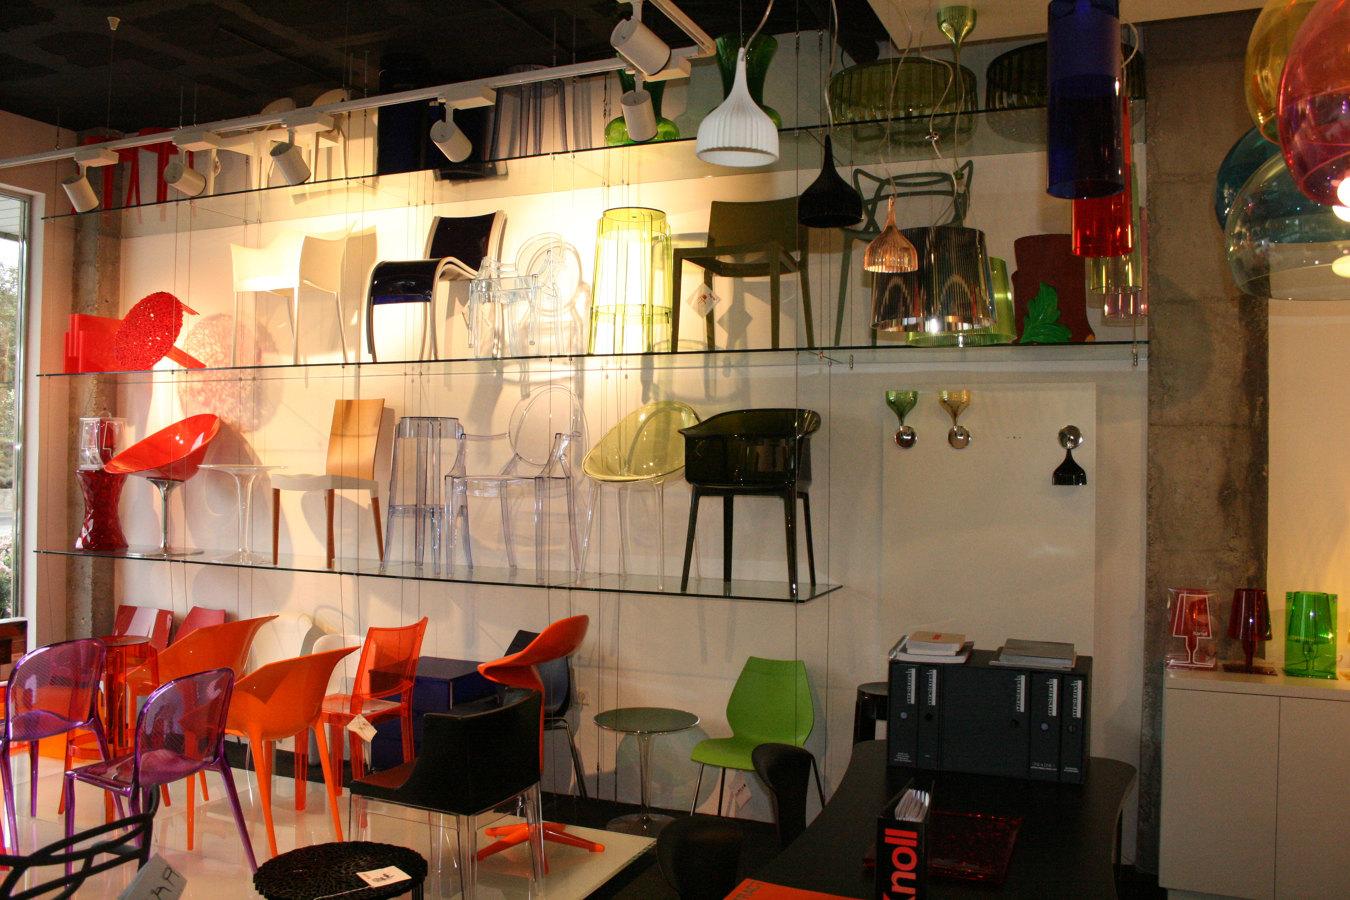 Foto exposici n de sillas de estudio 5s 177599 habitissimo for Sillas de estudio zaragoza